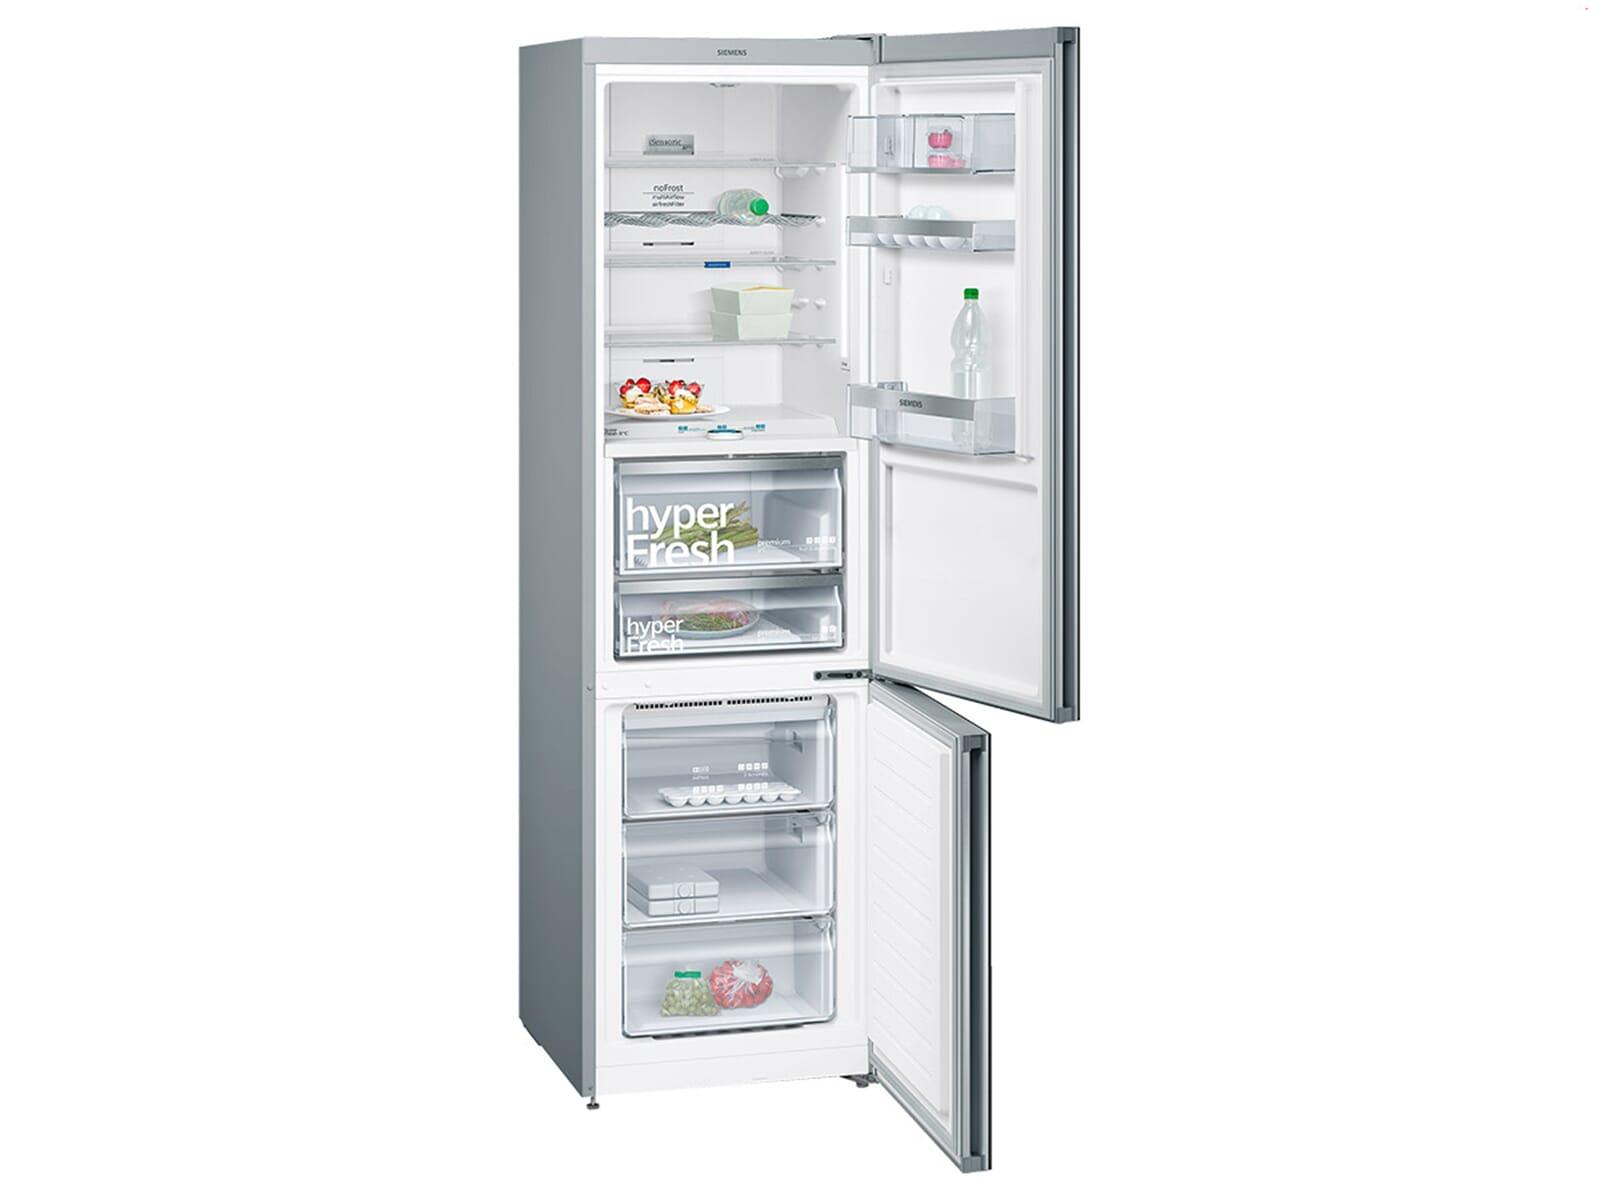 Siemens Kühlschrank Eiswürfelbereiter Bedienungsanleitung : Siemens kg fsb kühl gefrierkombination schwarz